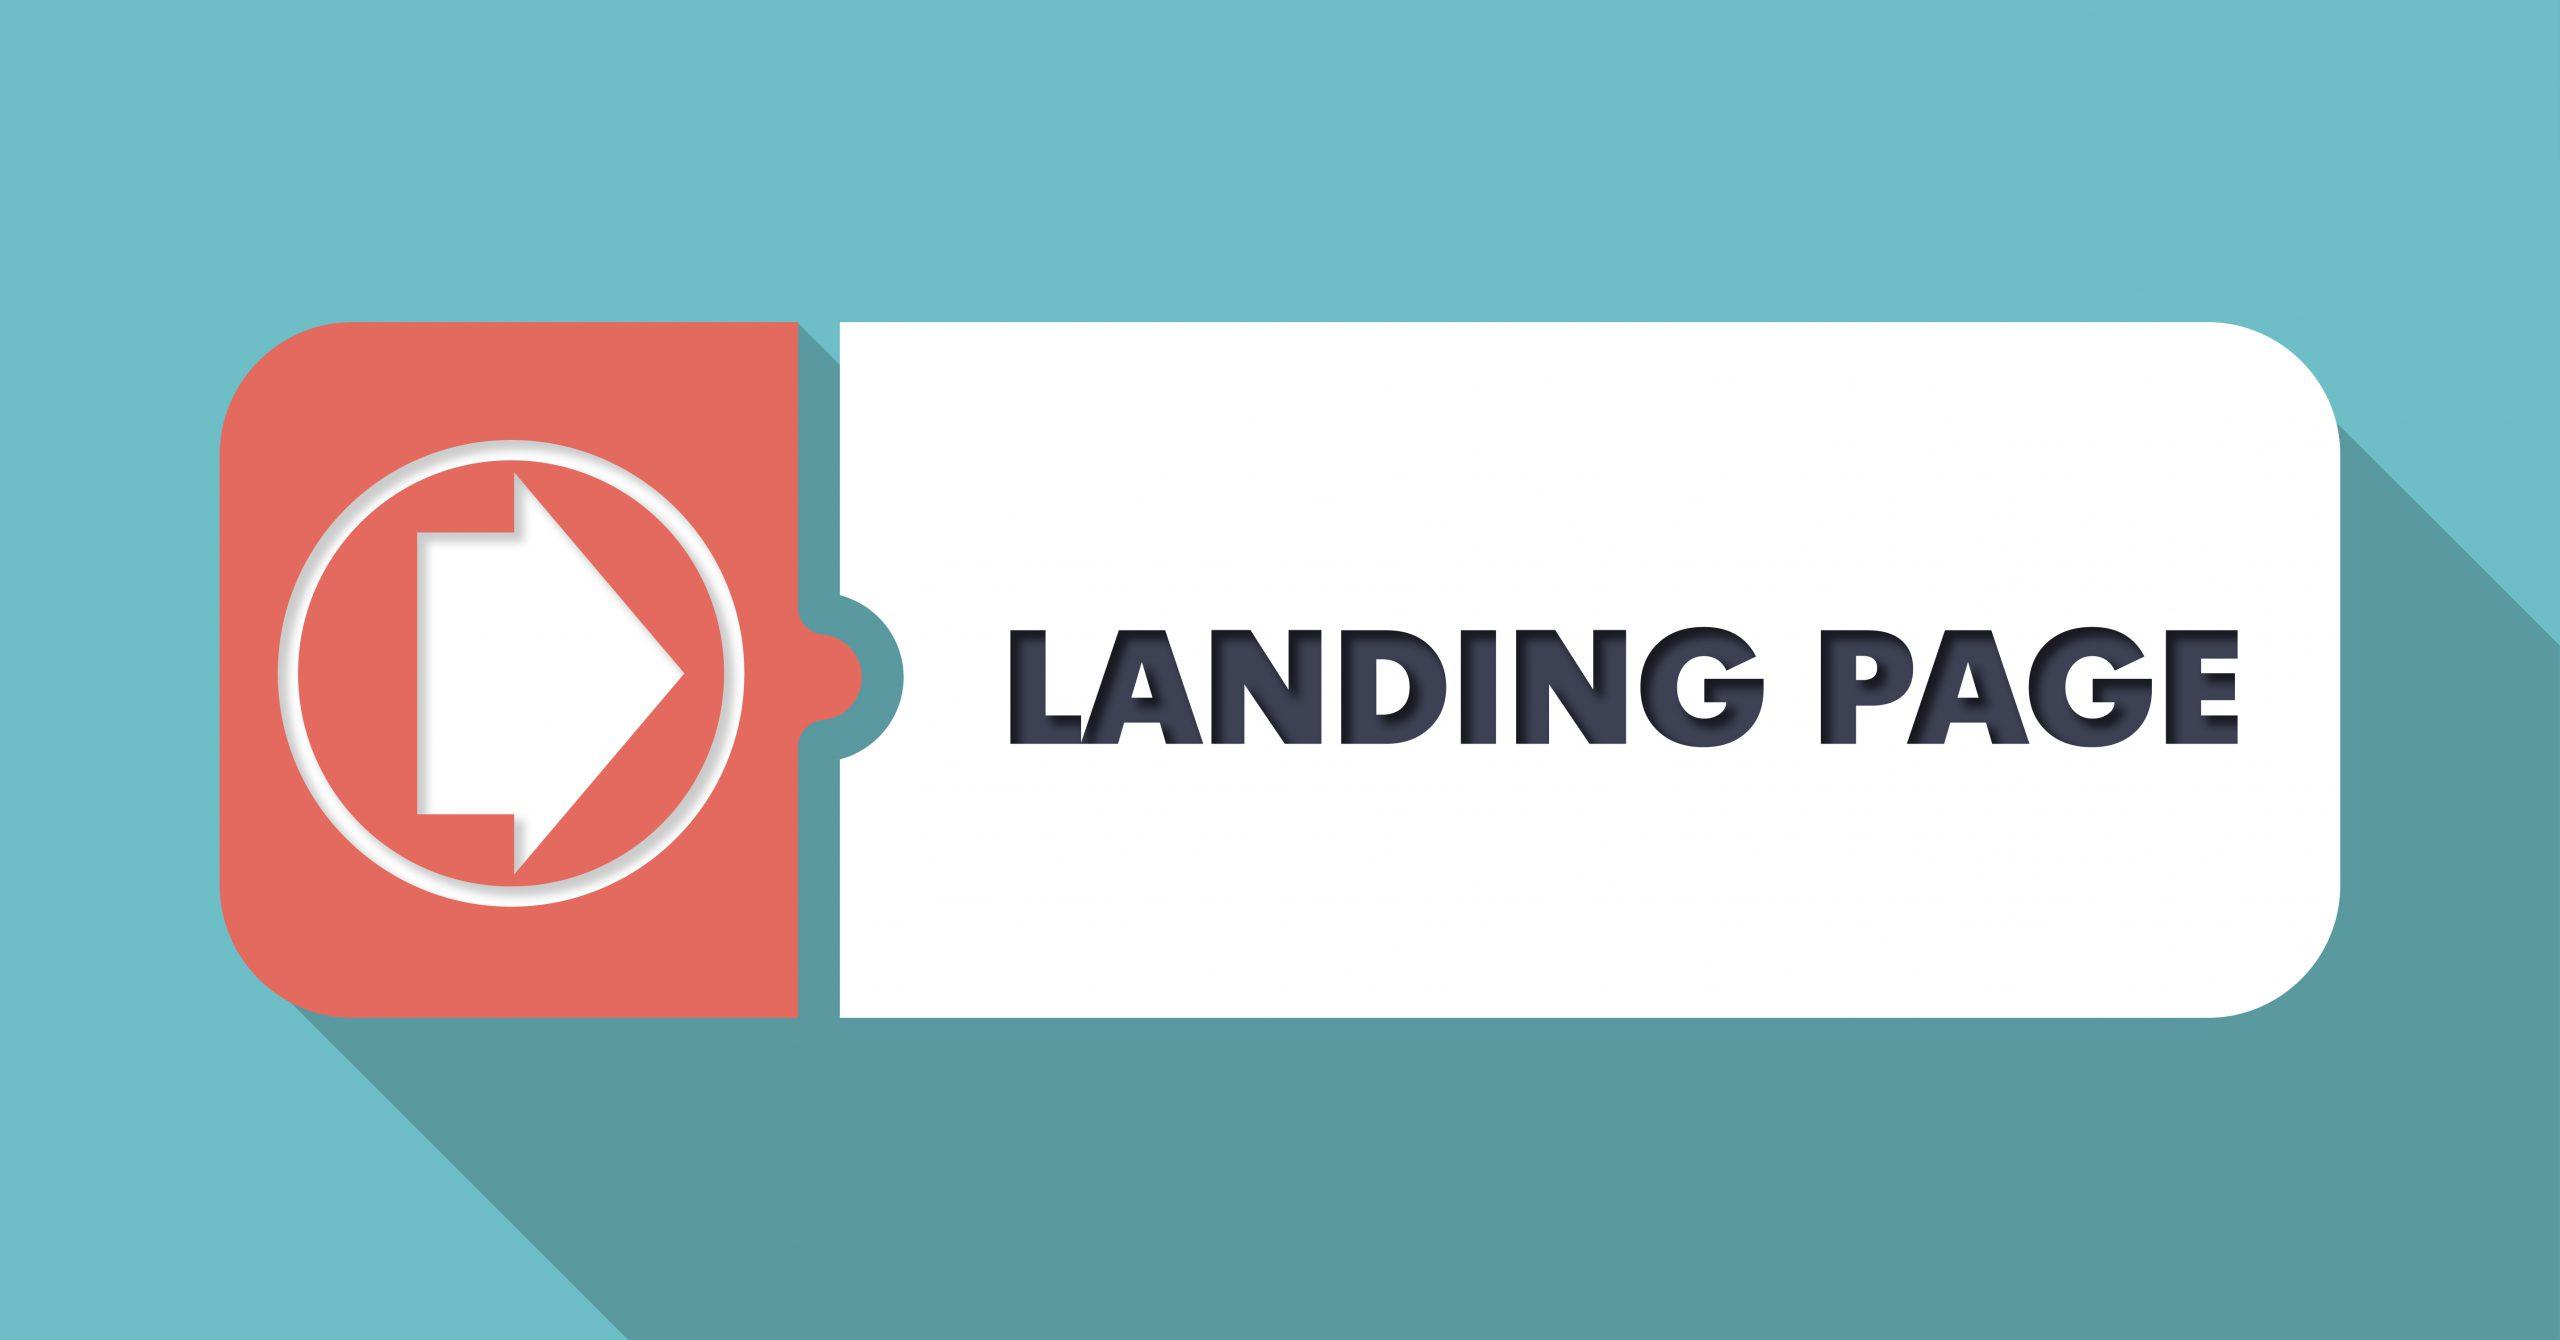 Tìm hiểu về landing page - WEBICO BLOG